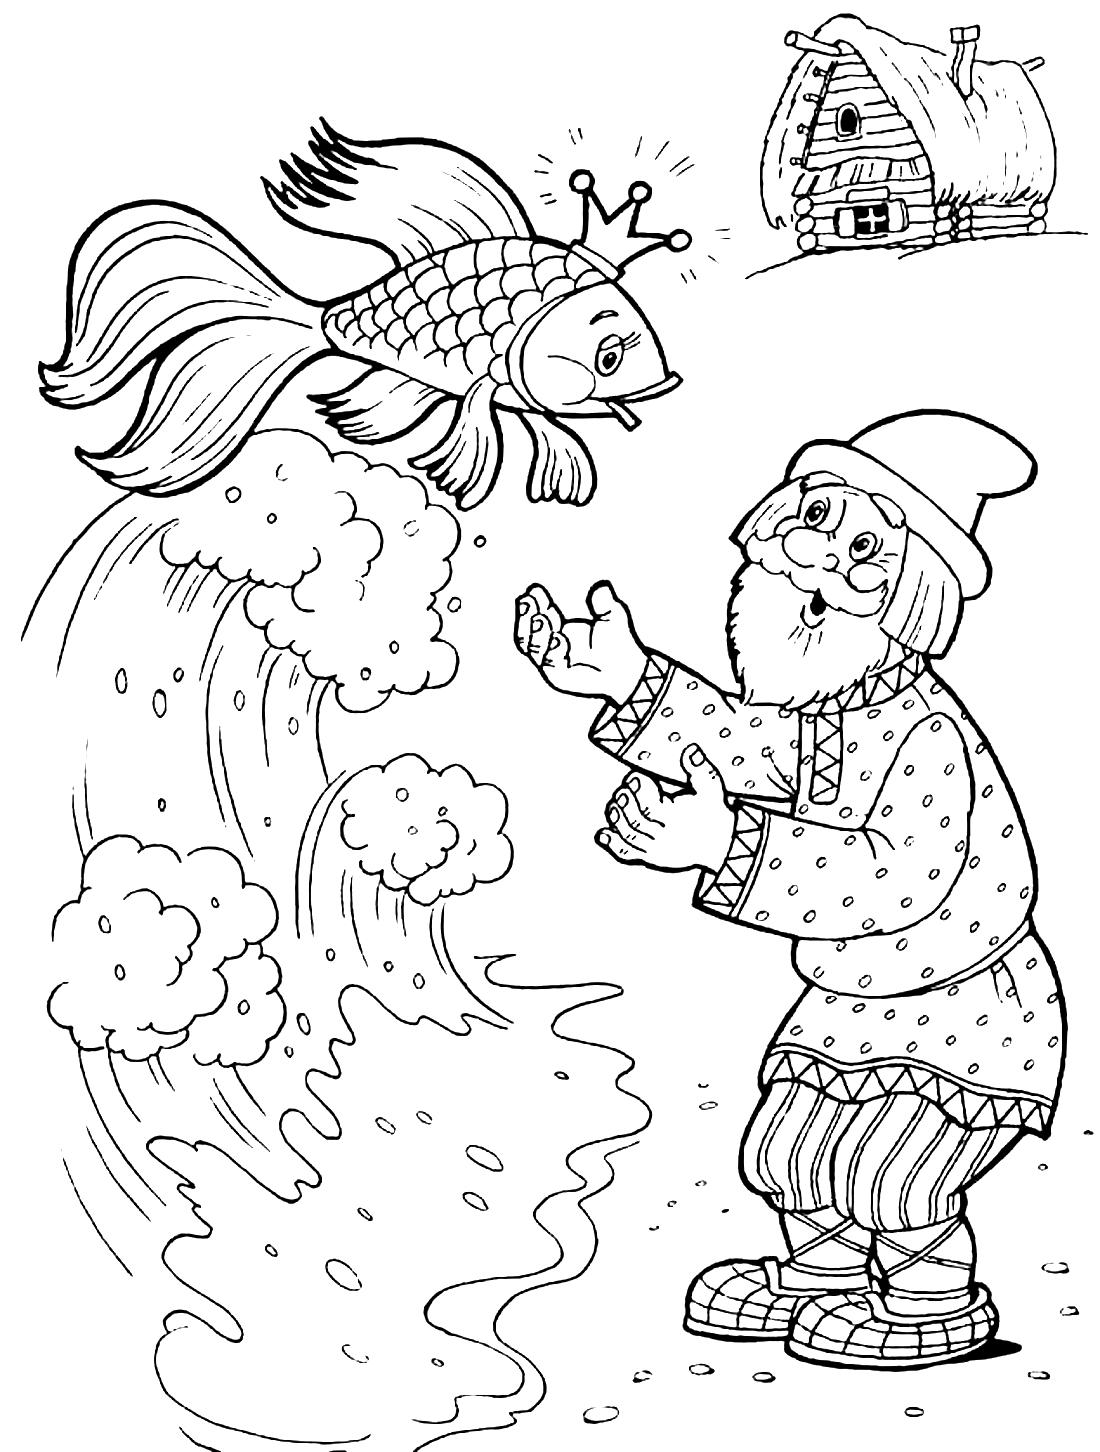 Рисунок старика из русских народных сказок 3